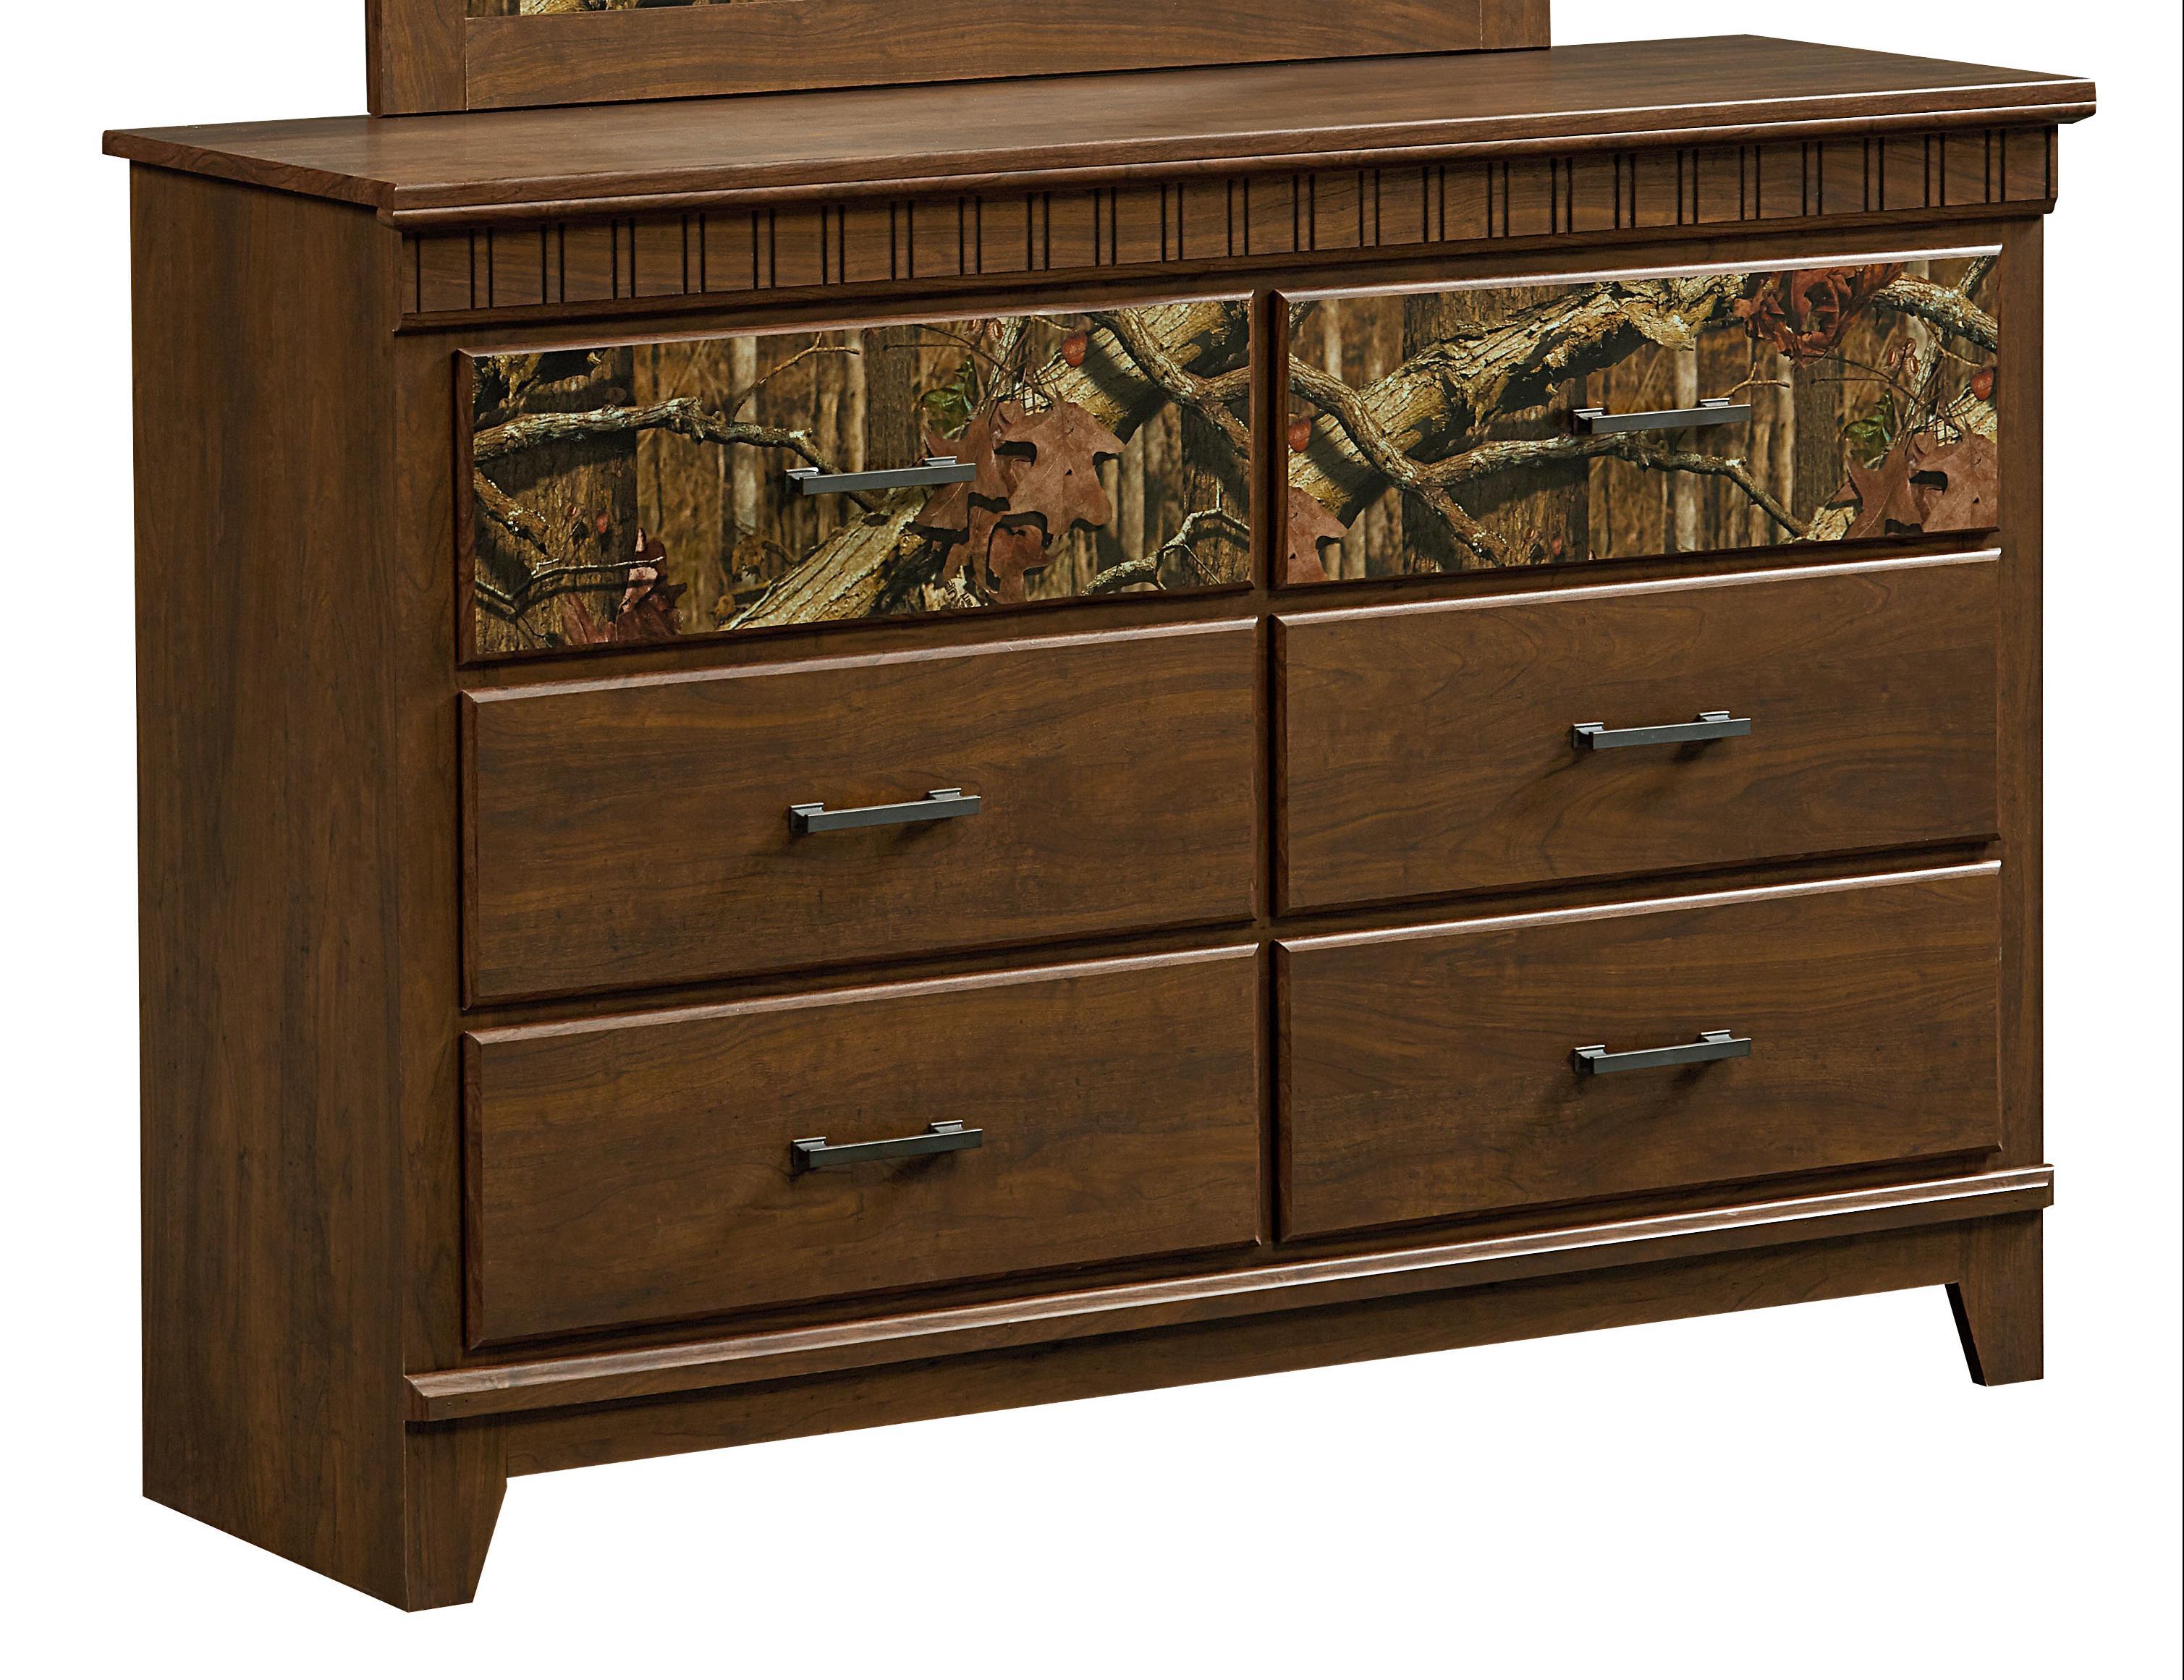 Standard Furniture Solitude Dresser                        - Item Number: 52959